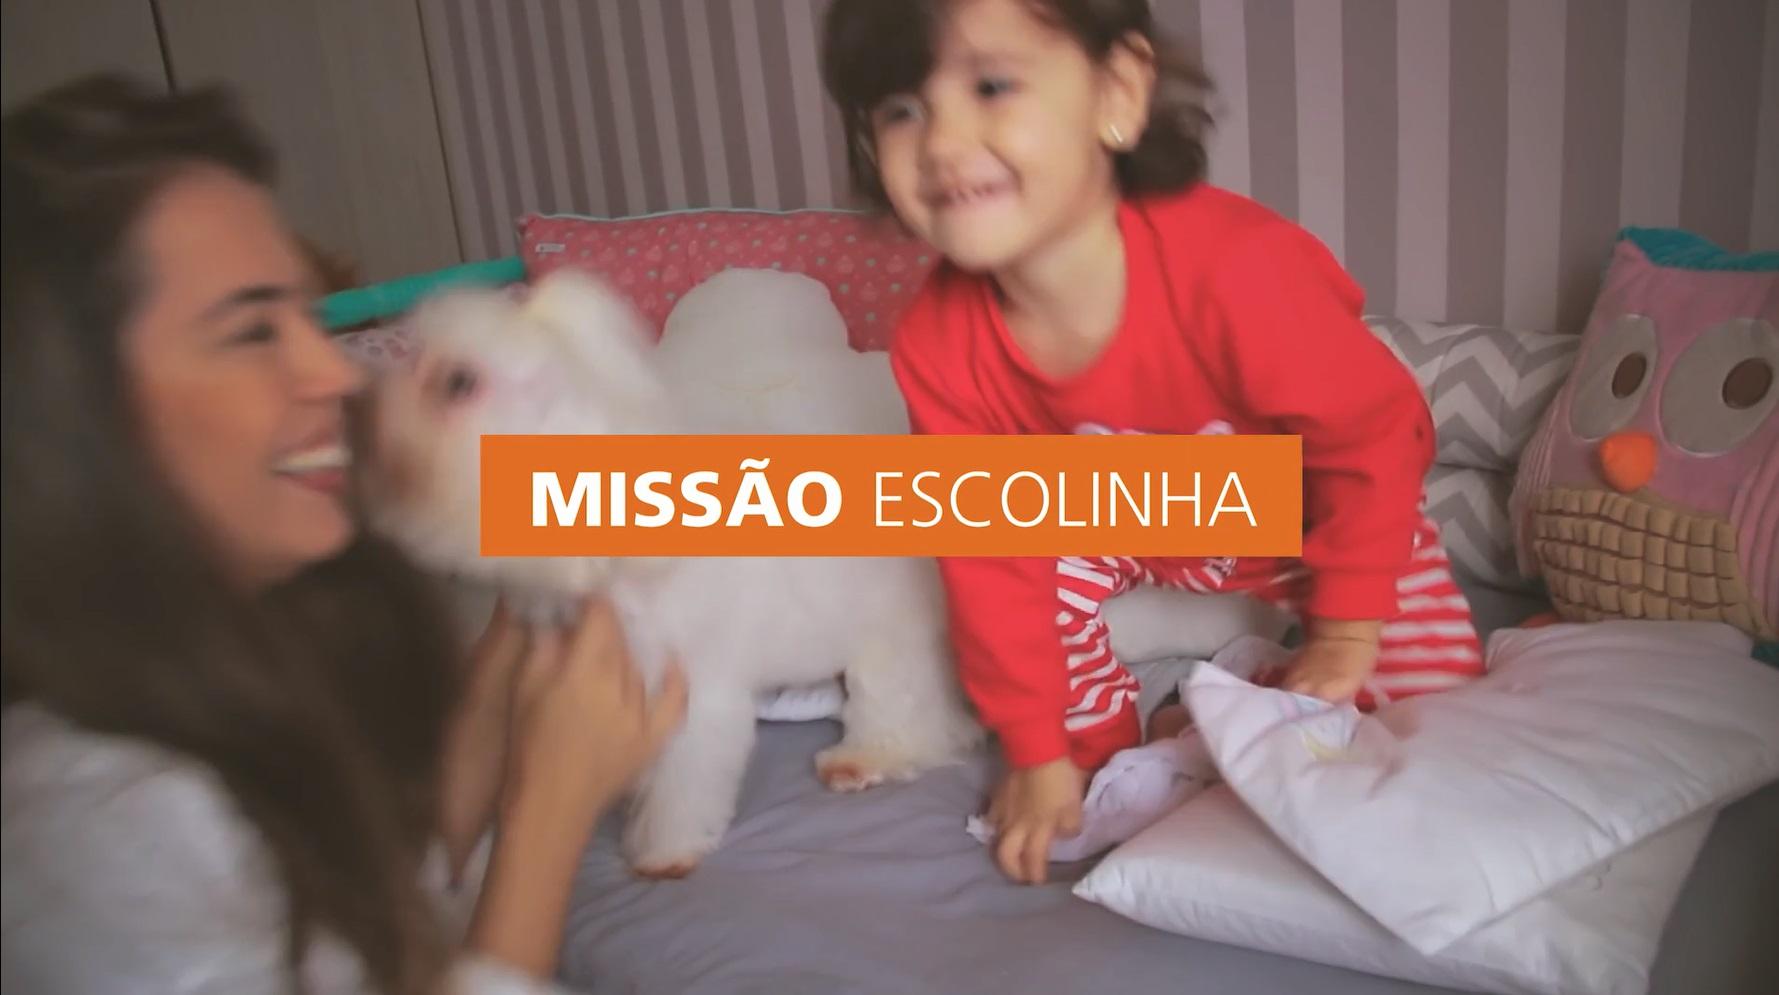 Filha Proteger Você é A Maior Missão Da: Missão Escolinha: Dicas De Looks Para Vestir Seu Pequeno